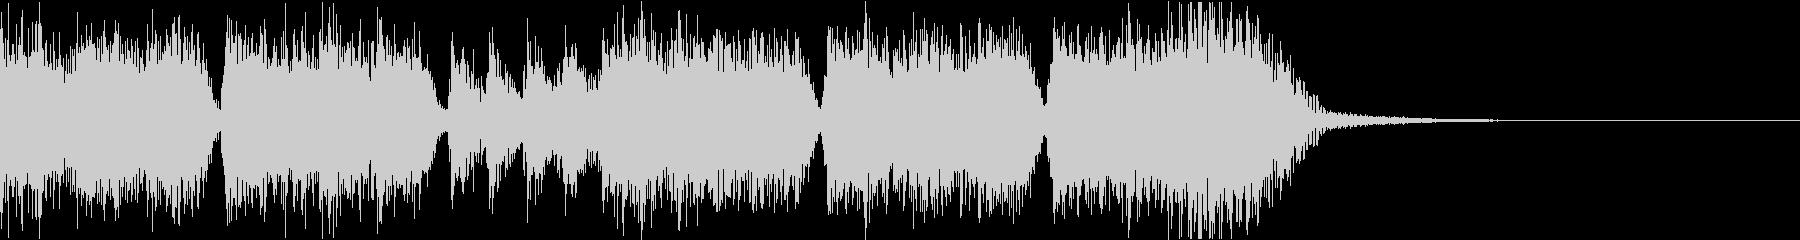 エネルギッシュ・ロックなサウンドロゴ04の未再生の波形